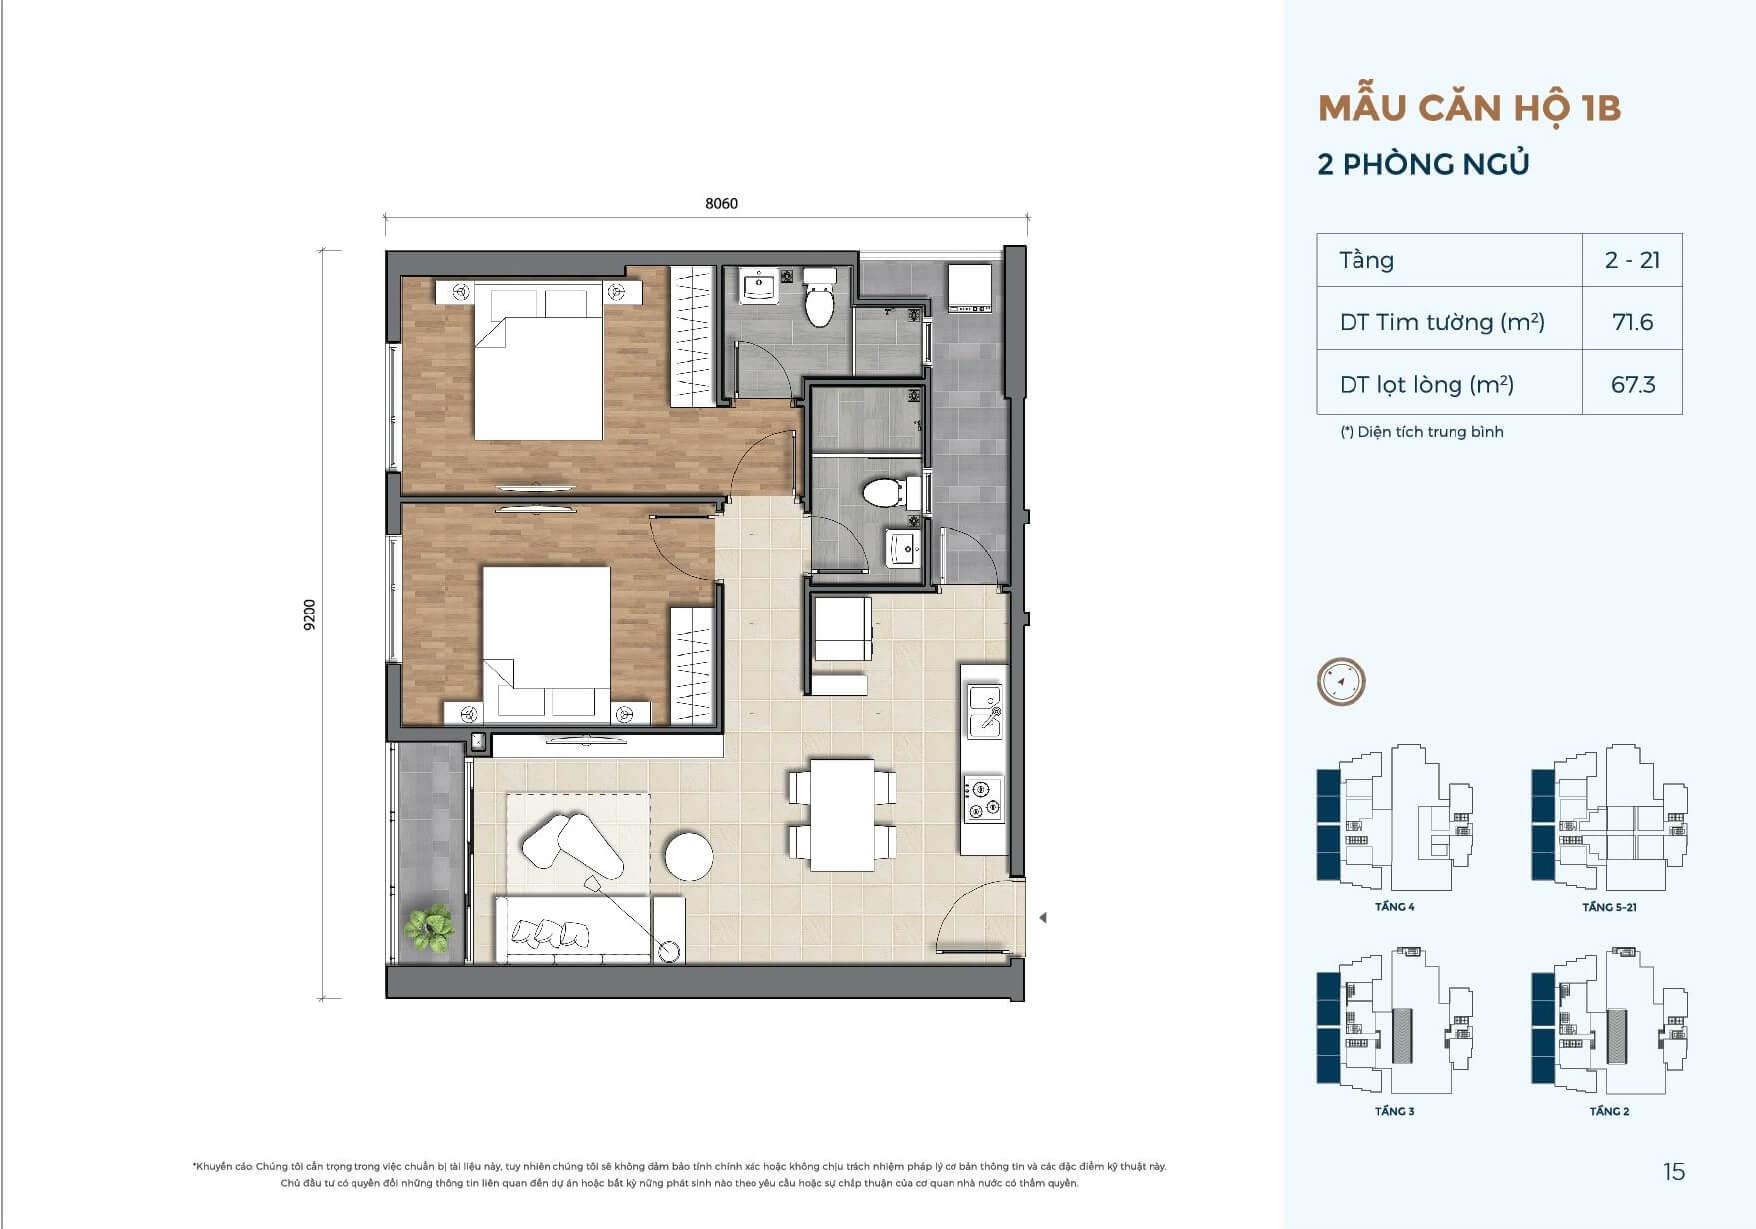 căn hộ chung cư 2 phòng ngủ Precia An Phú Quận 2